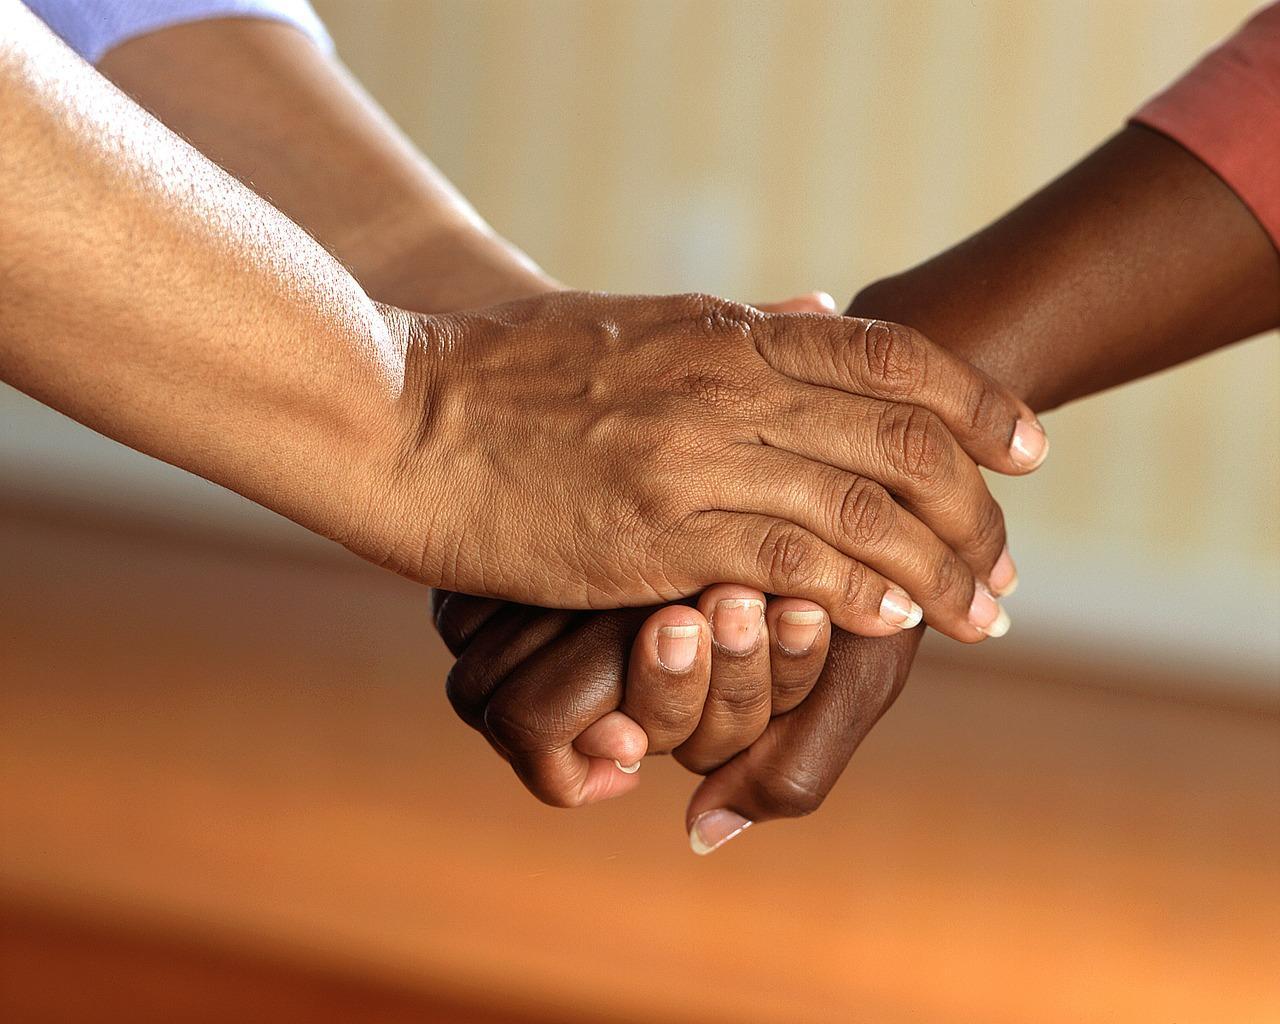 Köperkontakt hat starke Auswirkungen - sowohl auf die Psyche, als auch auf den Körper.